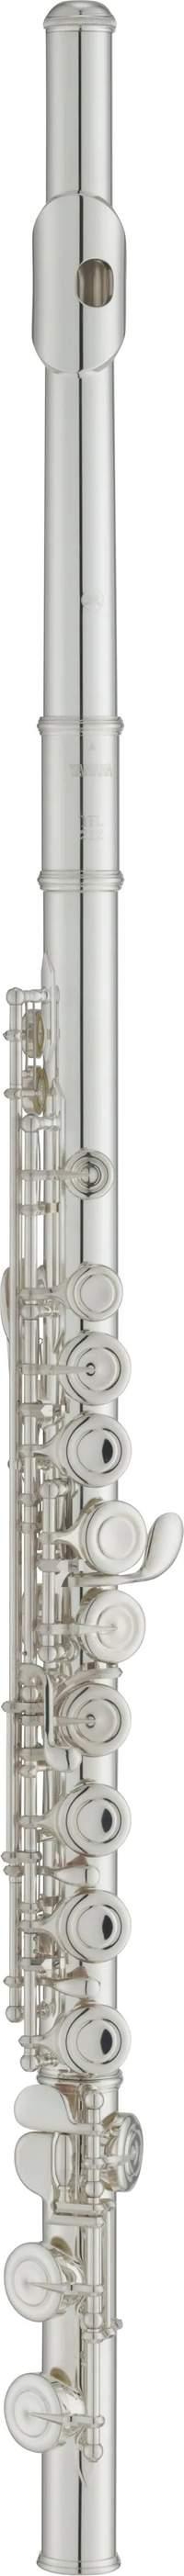 Yamaha Flute YFL-212